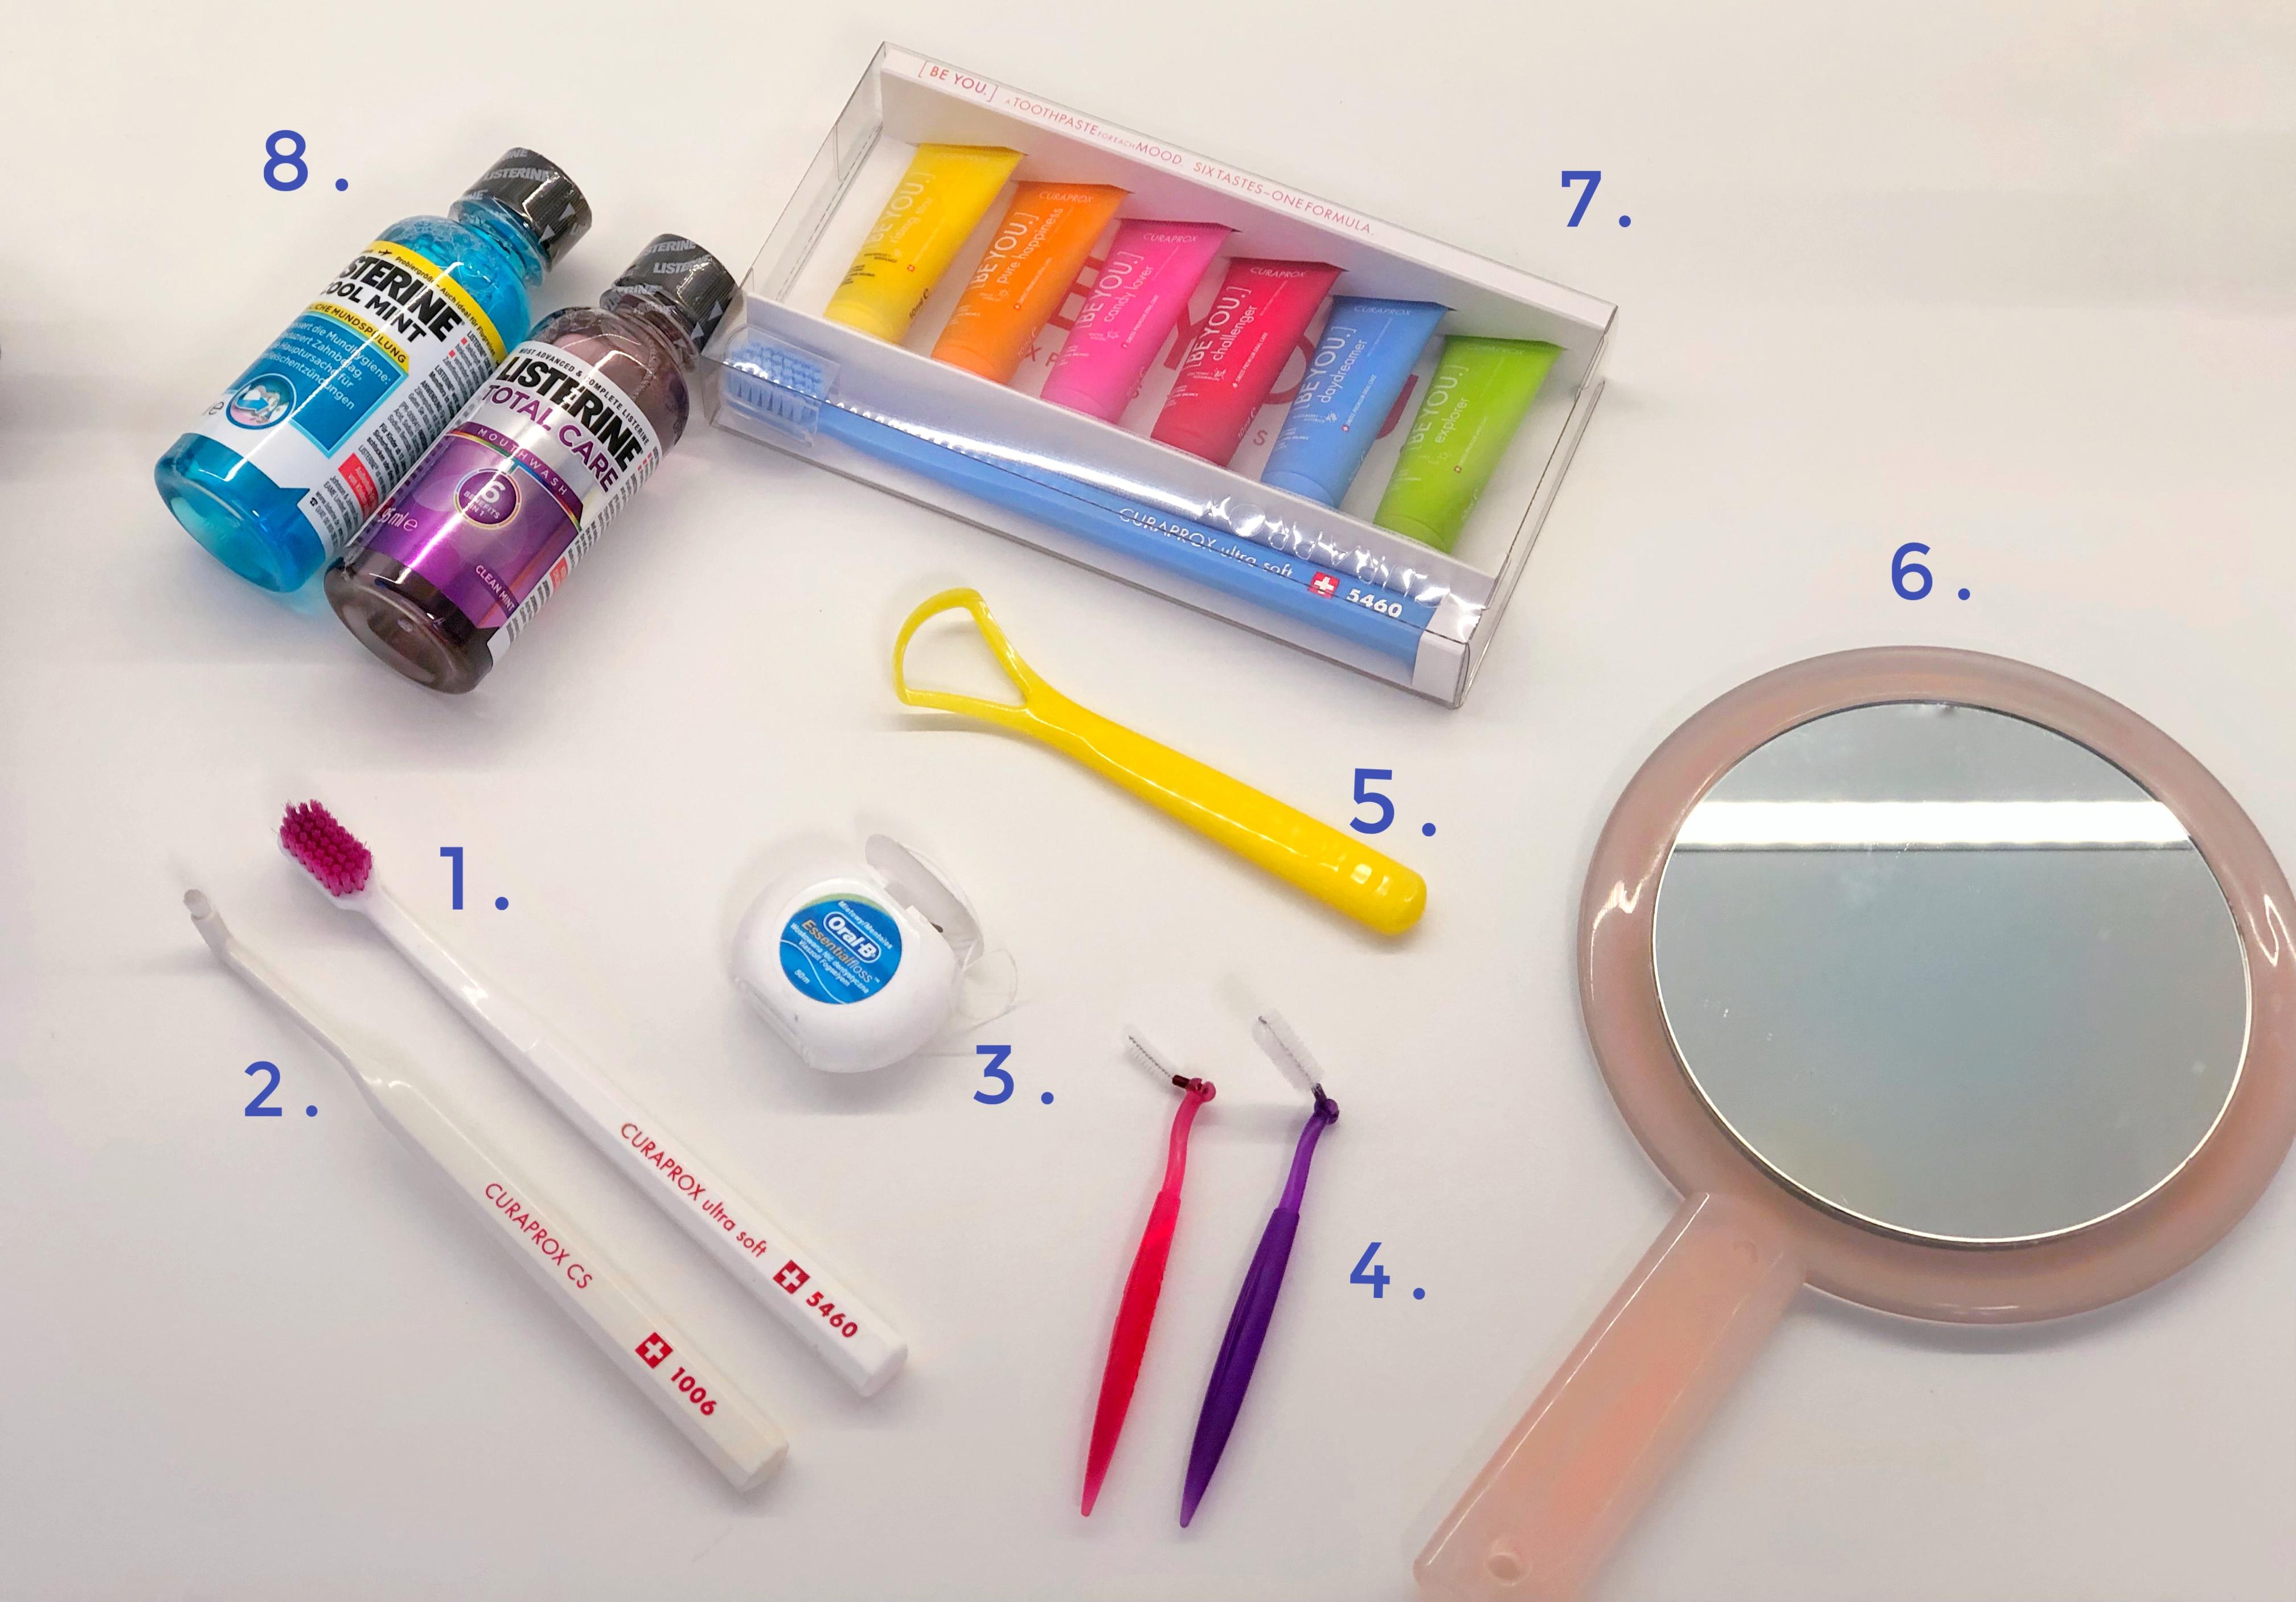 Set za oralnu higijenu: četkice za zube, zubni konac, interdentalne četkice, strugalica za jezik, ogledalo, pasta za zube, vodica za ispiranje